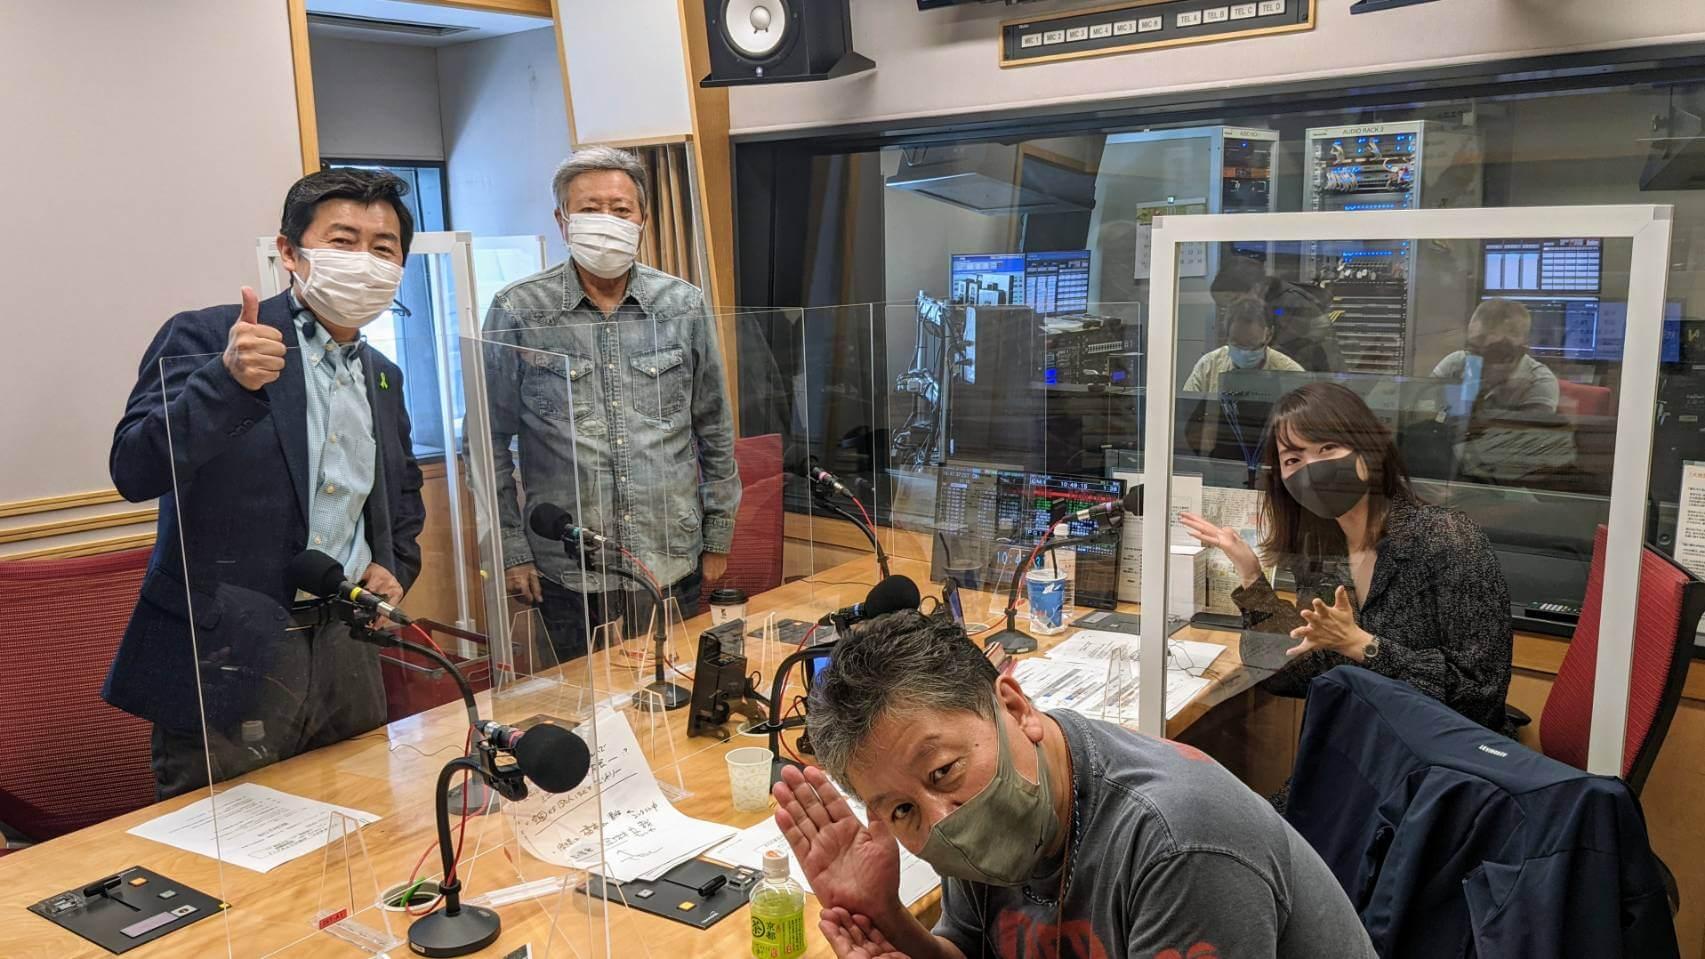 小倉智昭、がんが肺へ転移、ステージ4で抗がん剤治療へ。初めて自らの症状を語った。~10月4日「くにまるジャパン極」